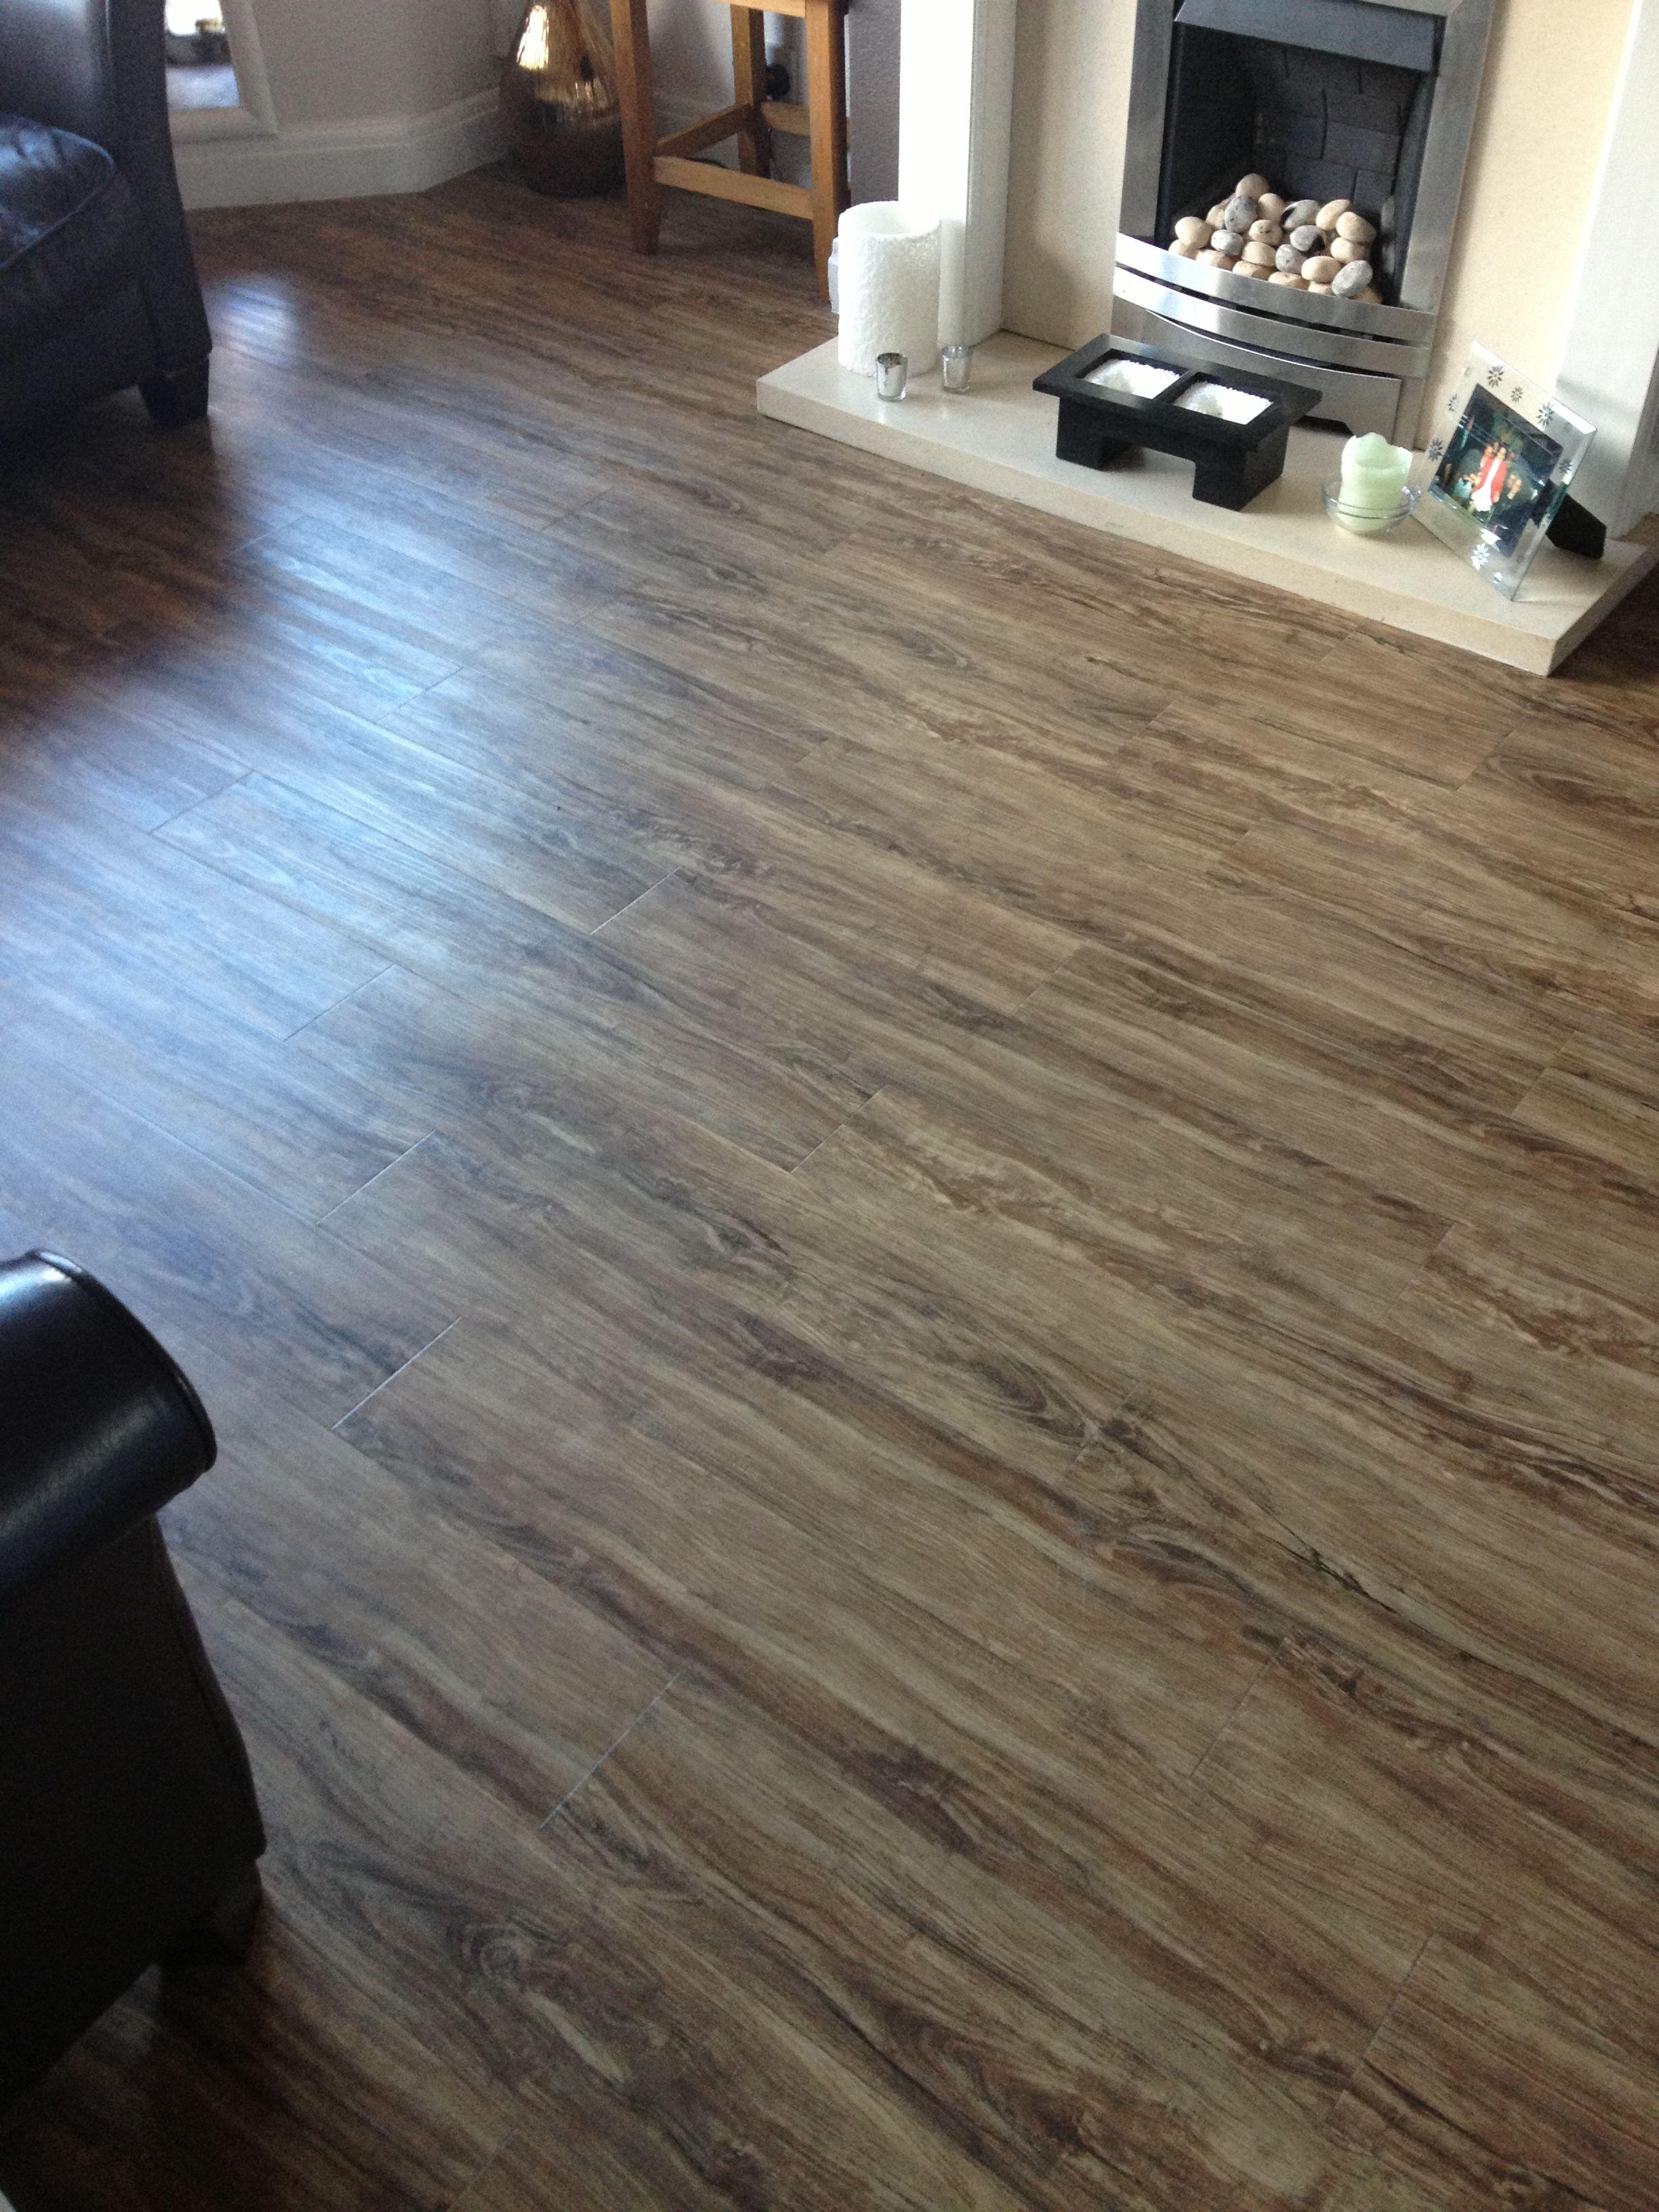 Luvanto Distressed Olive Wood Luxury Vinyl Tile Flooring